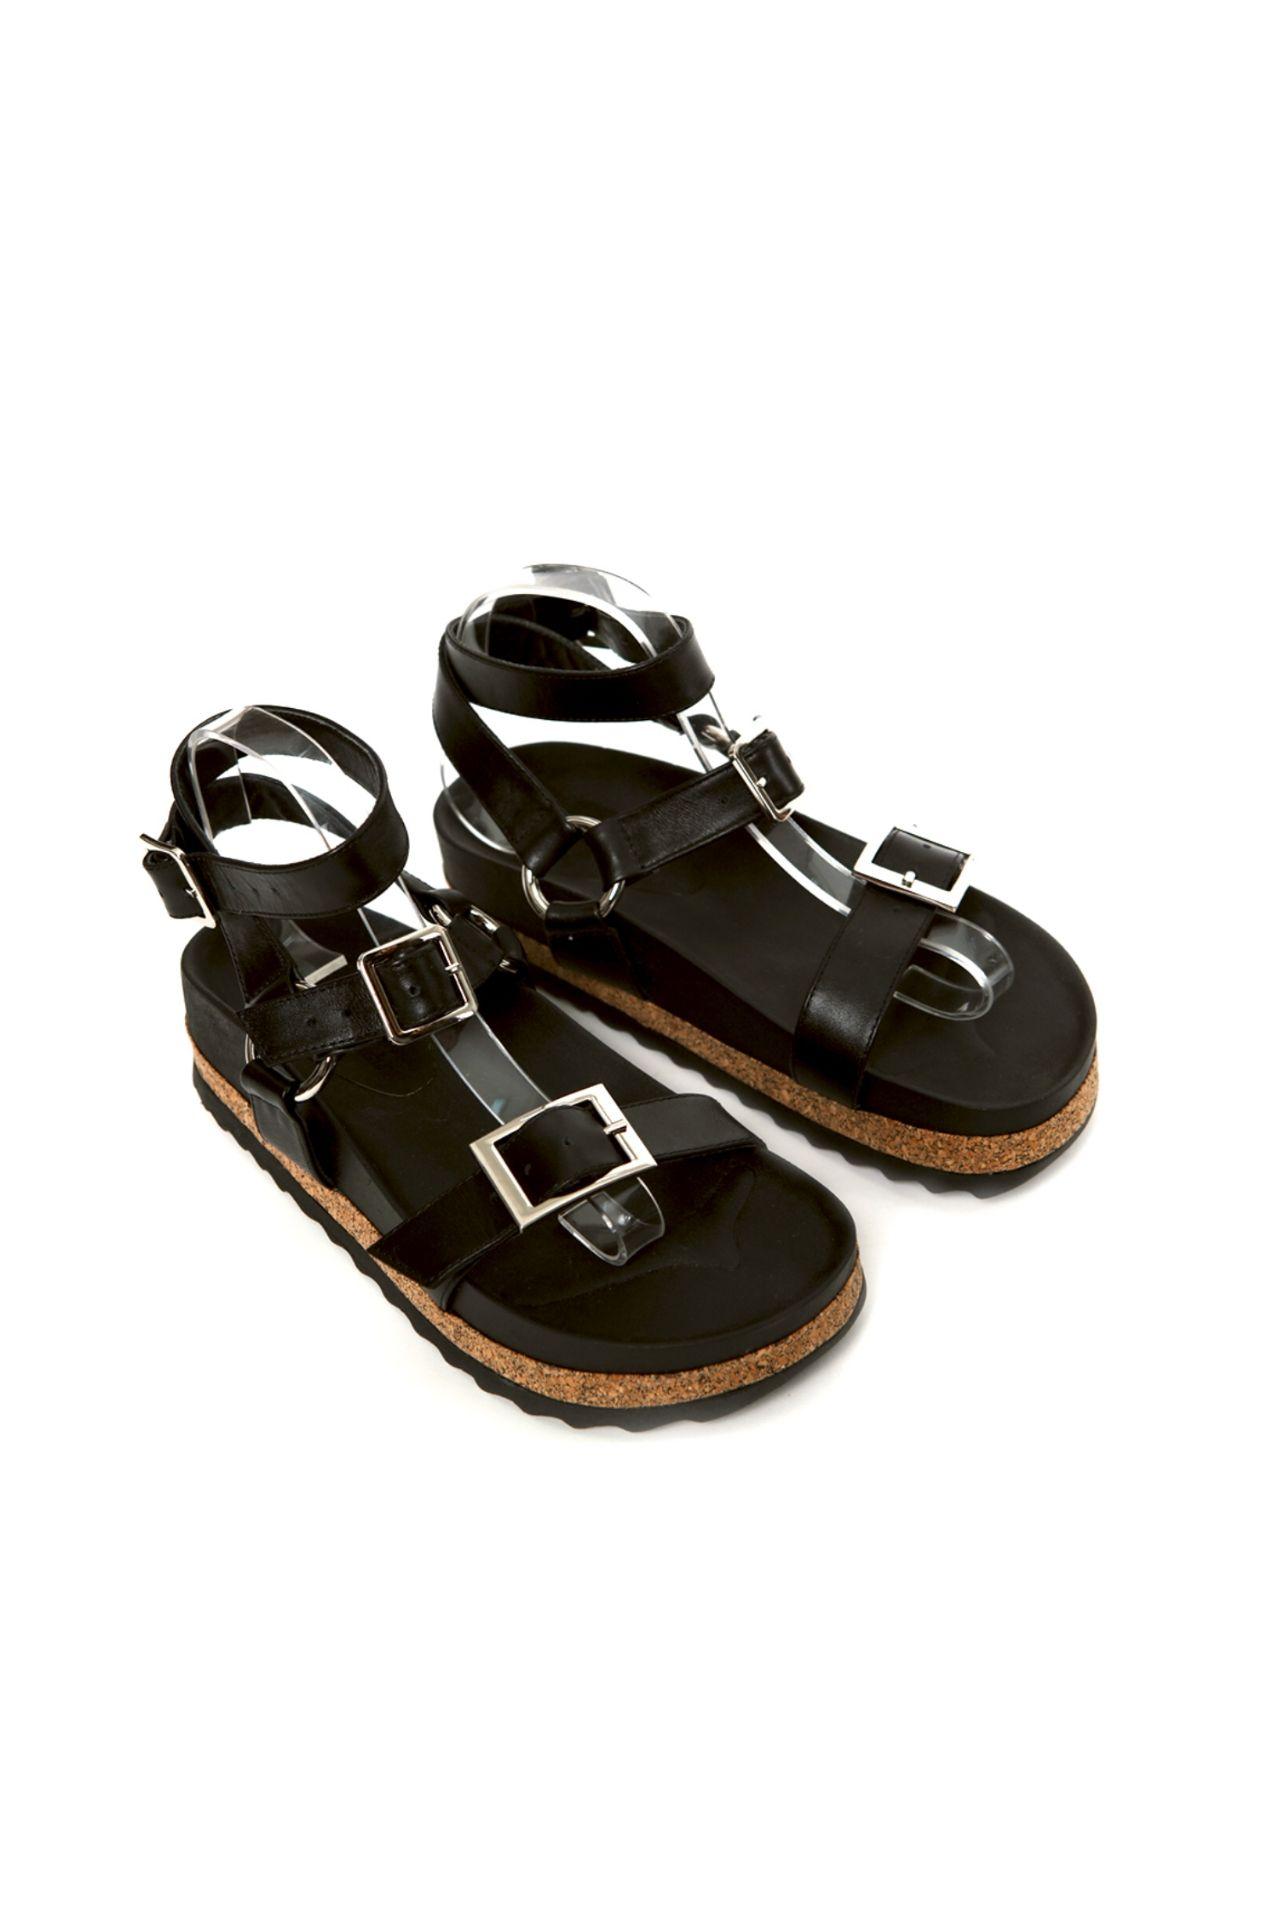 Sandalias de cuero con dos franjas horizontales y tira al tobillo  CAPELLADA: CUERO NATURAL / FORRO: BADANA NATURAL